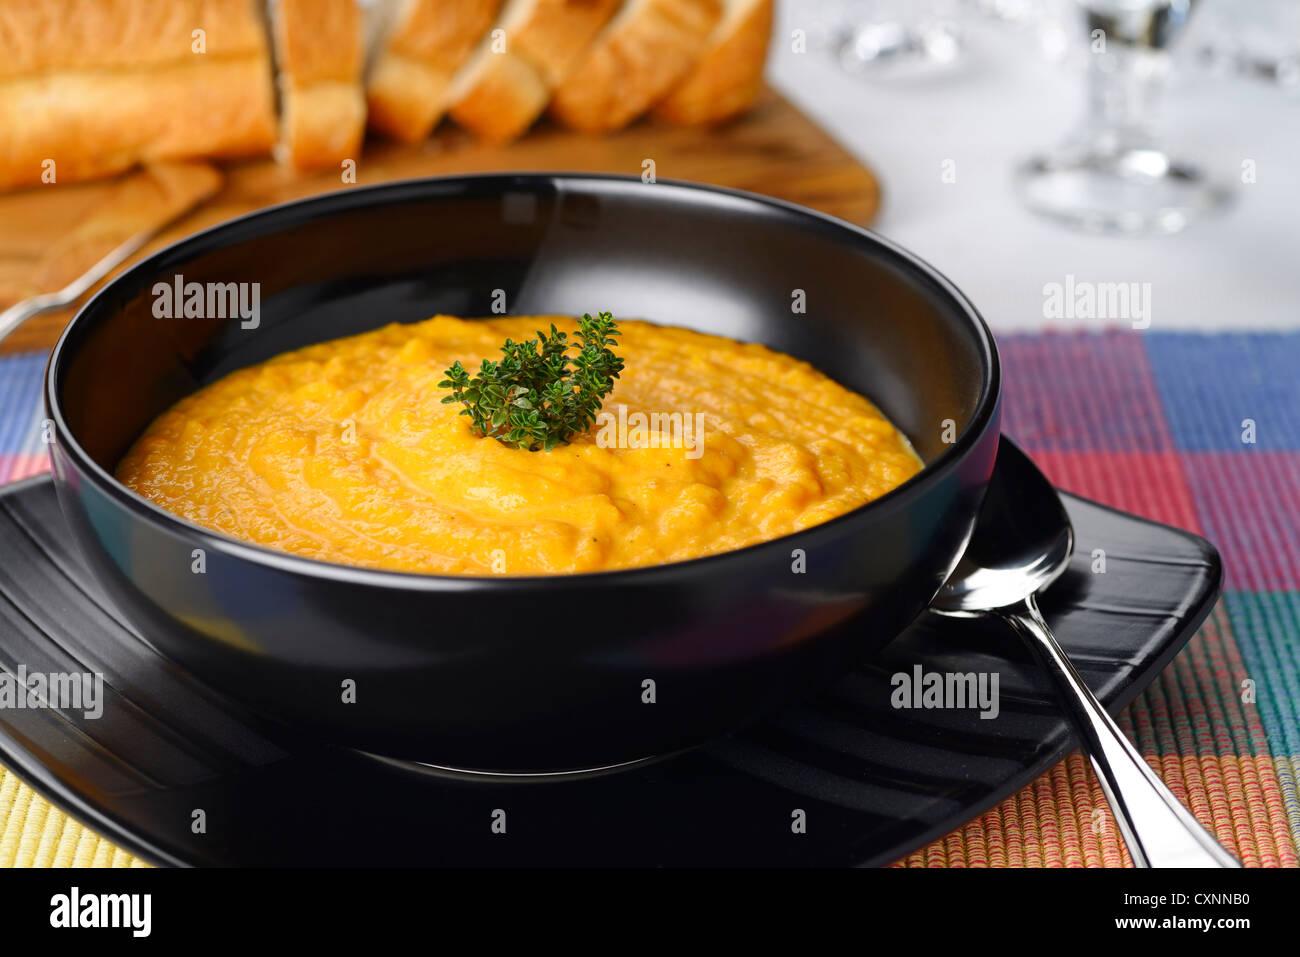 Creme Möhre Tomate orange Suppe mit Thymian garnieren in schwarz Schüssel mit geschnittenem Brot Stockbild